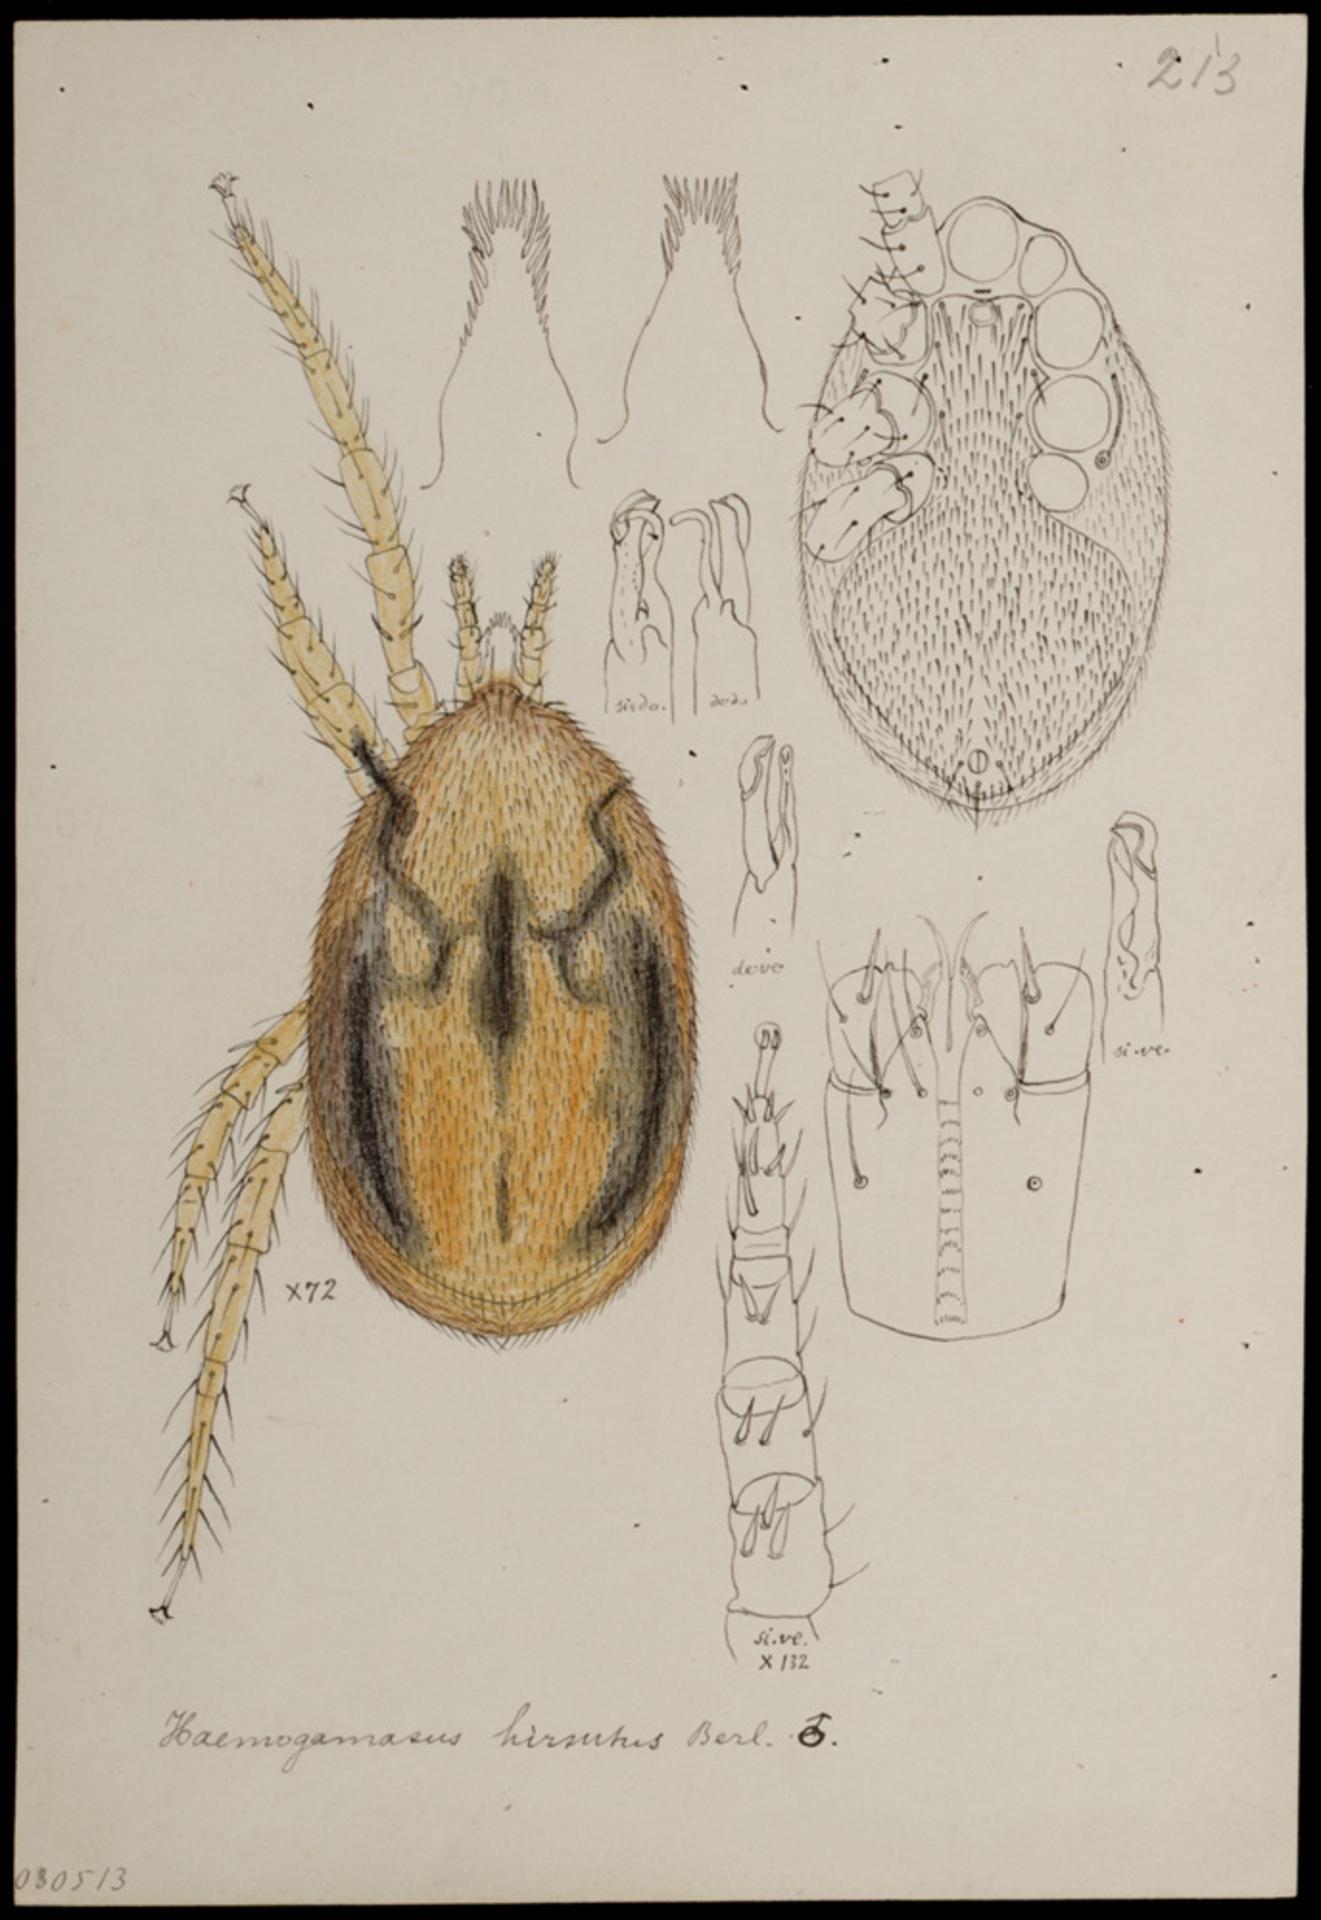 RMNH.ART.1059 | Haemogamasus hirsutus (Berlese)